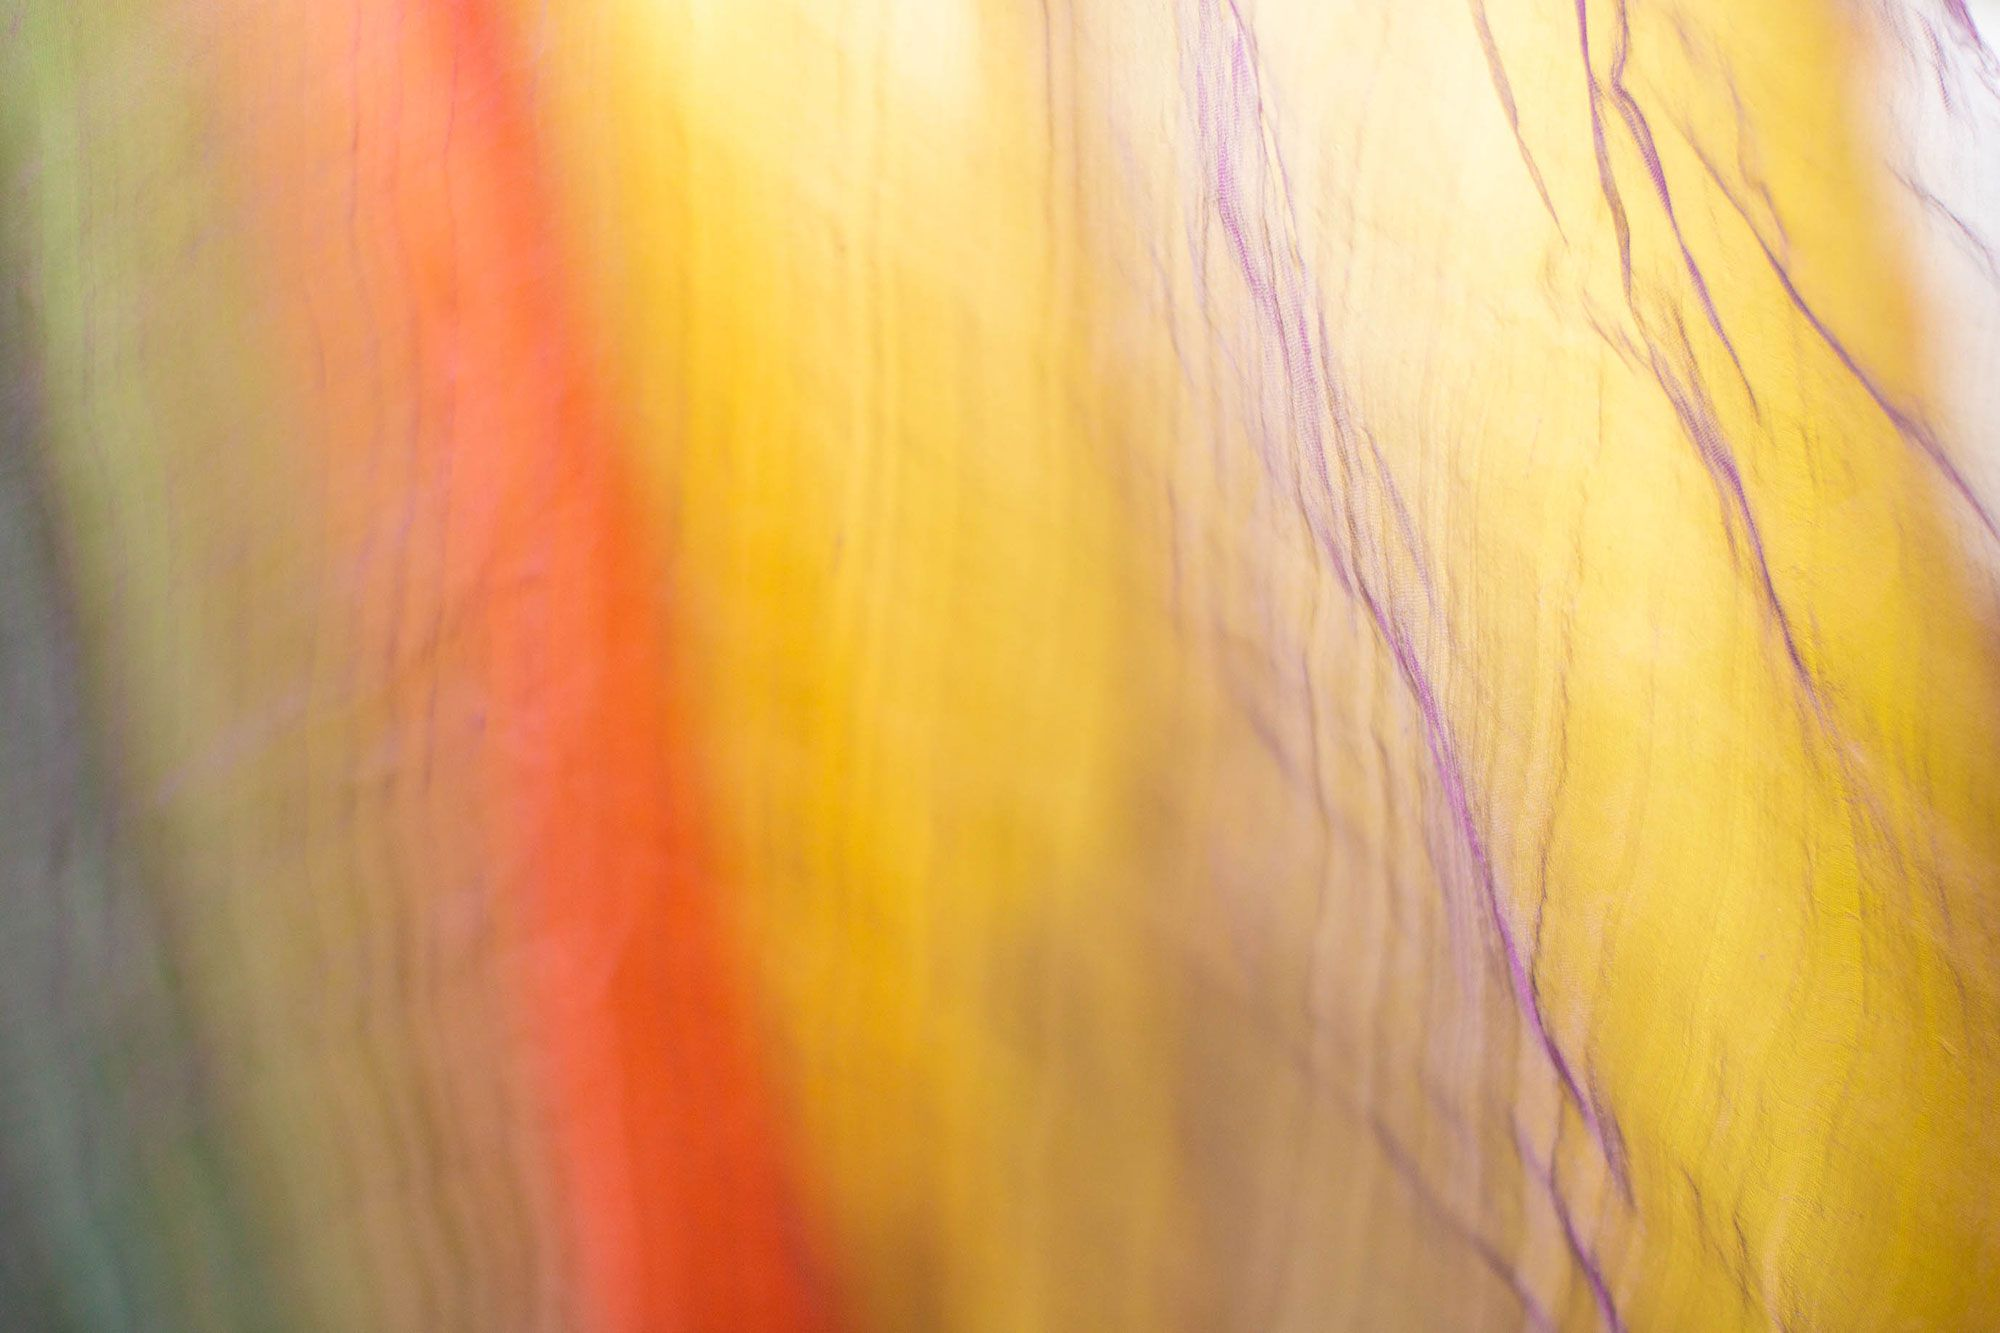 染司よしおかのストール。色とりどりのうすものが風になびく。